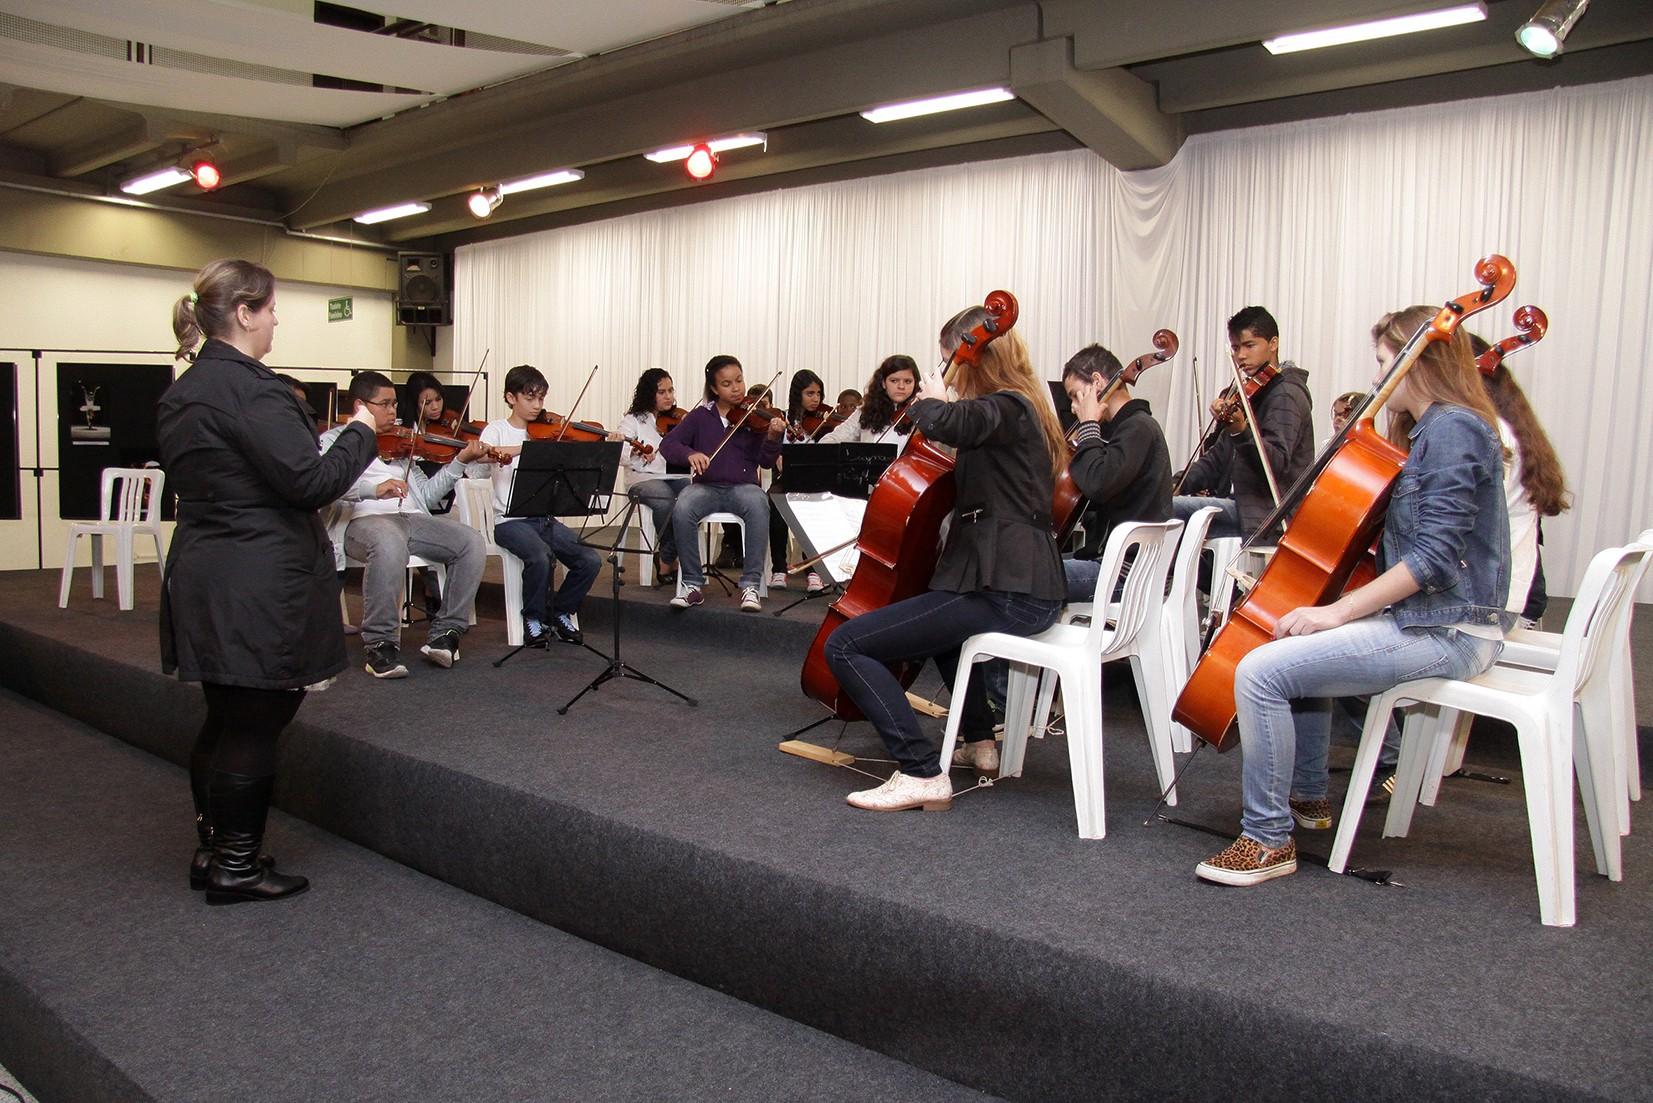 Projeto Guri de Nova Odessa tem 45 vagas para cursos musicais gratuitos